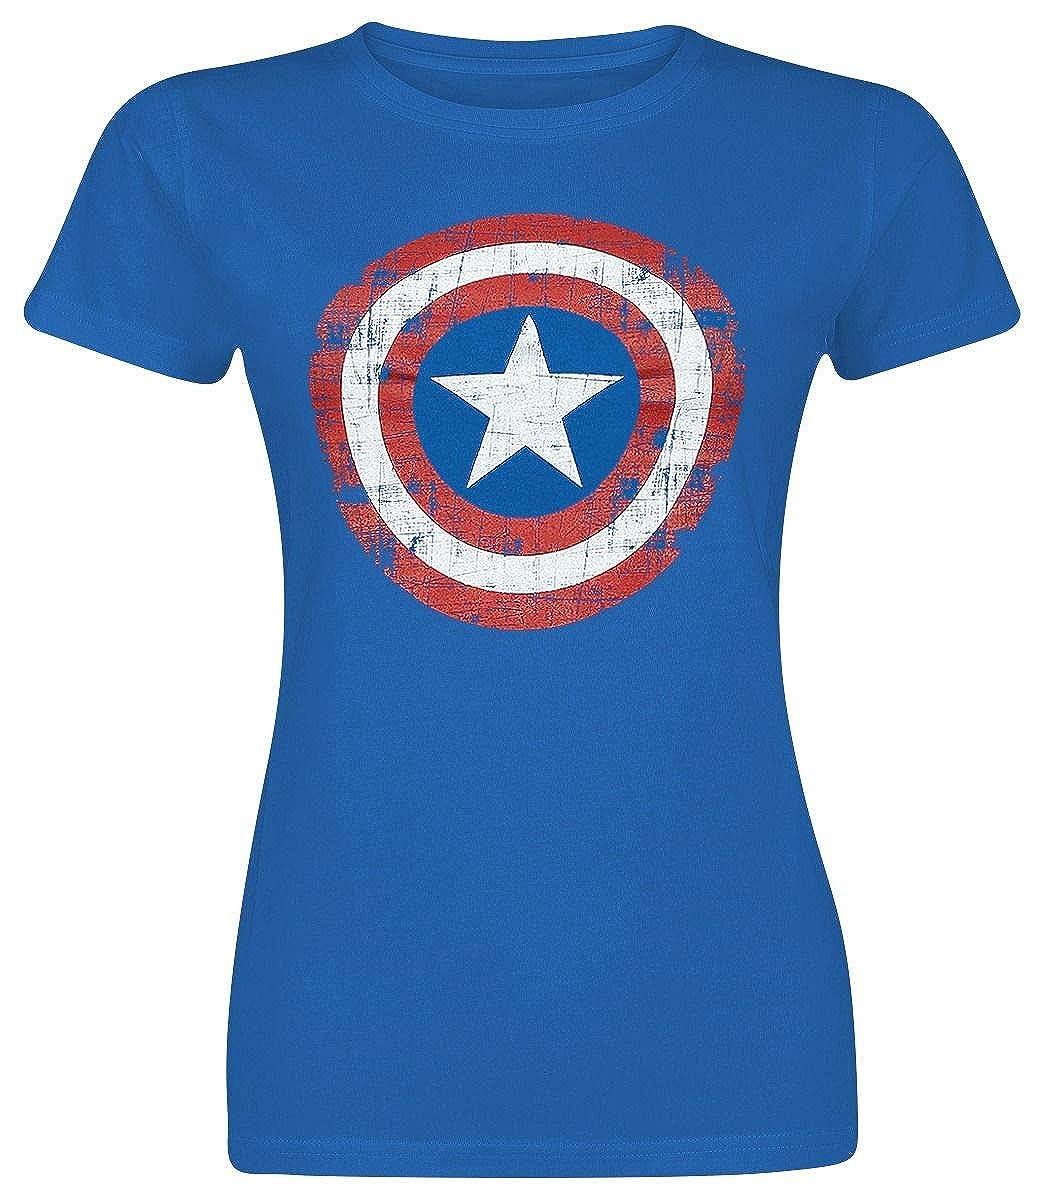 TALLA M. Capitán América Cracked Shield Camiseta Azul